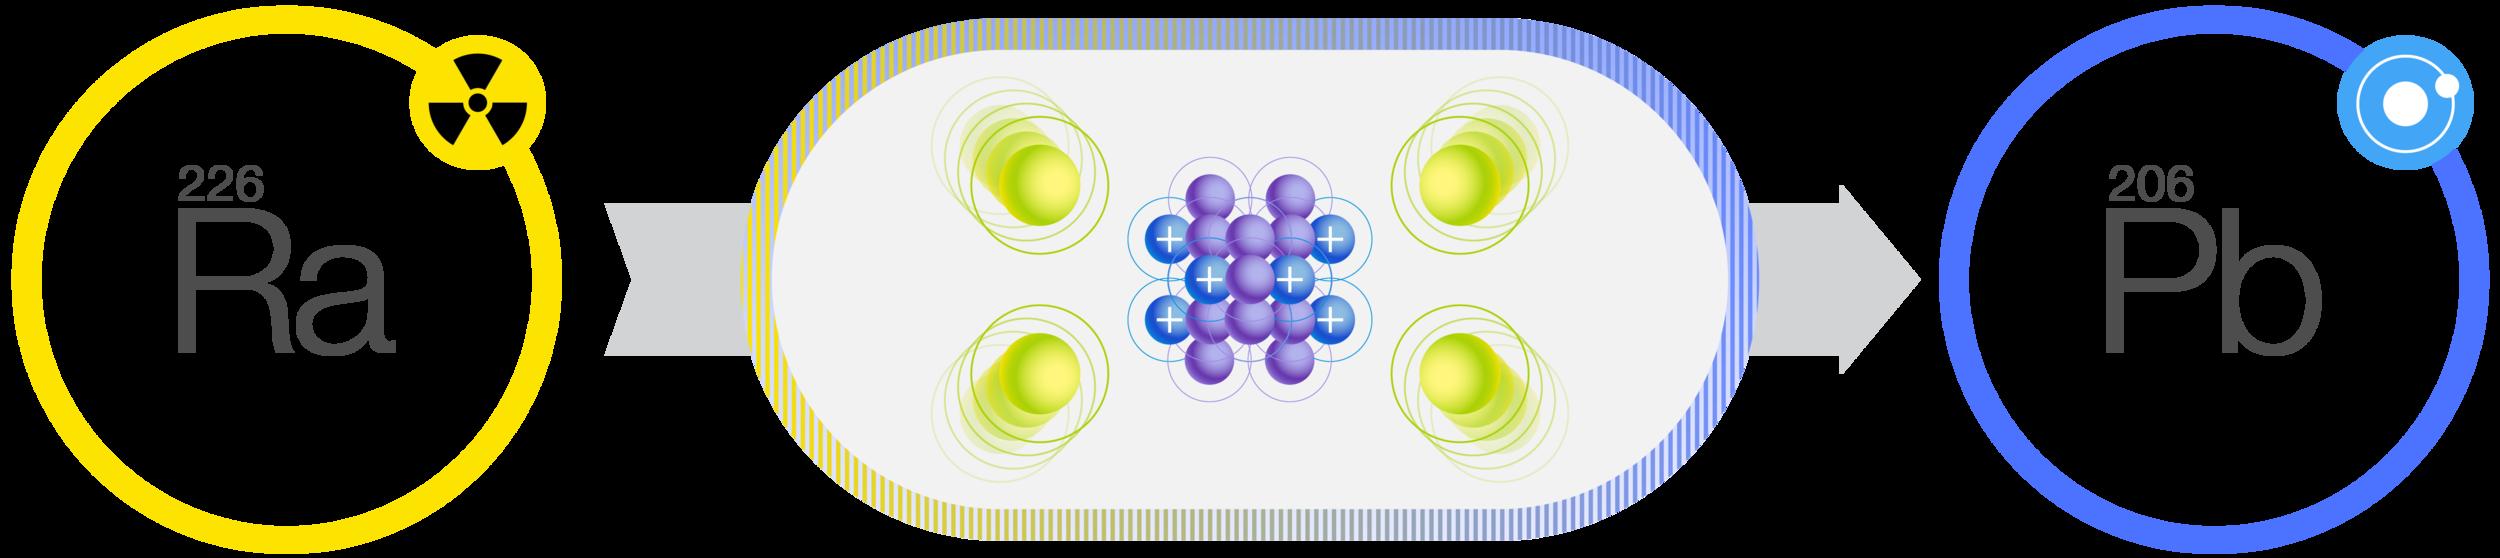 Transmutation_Nuclear Waste-01.png